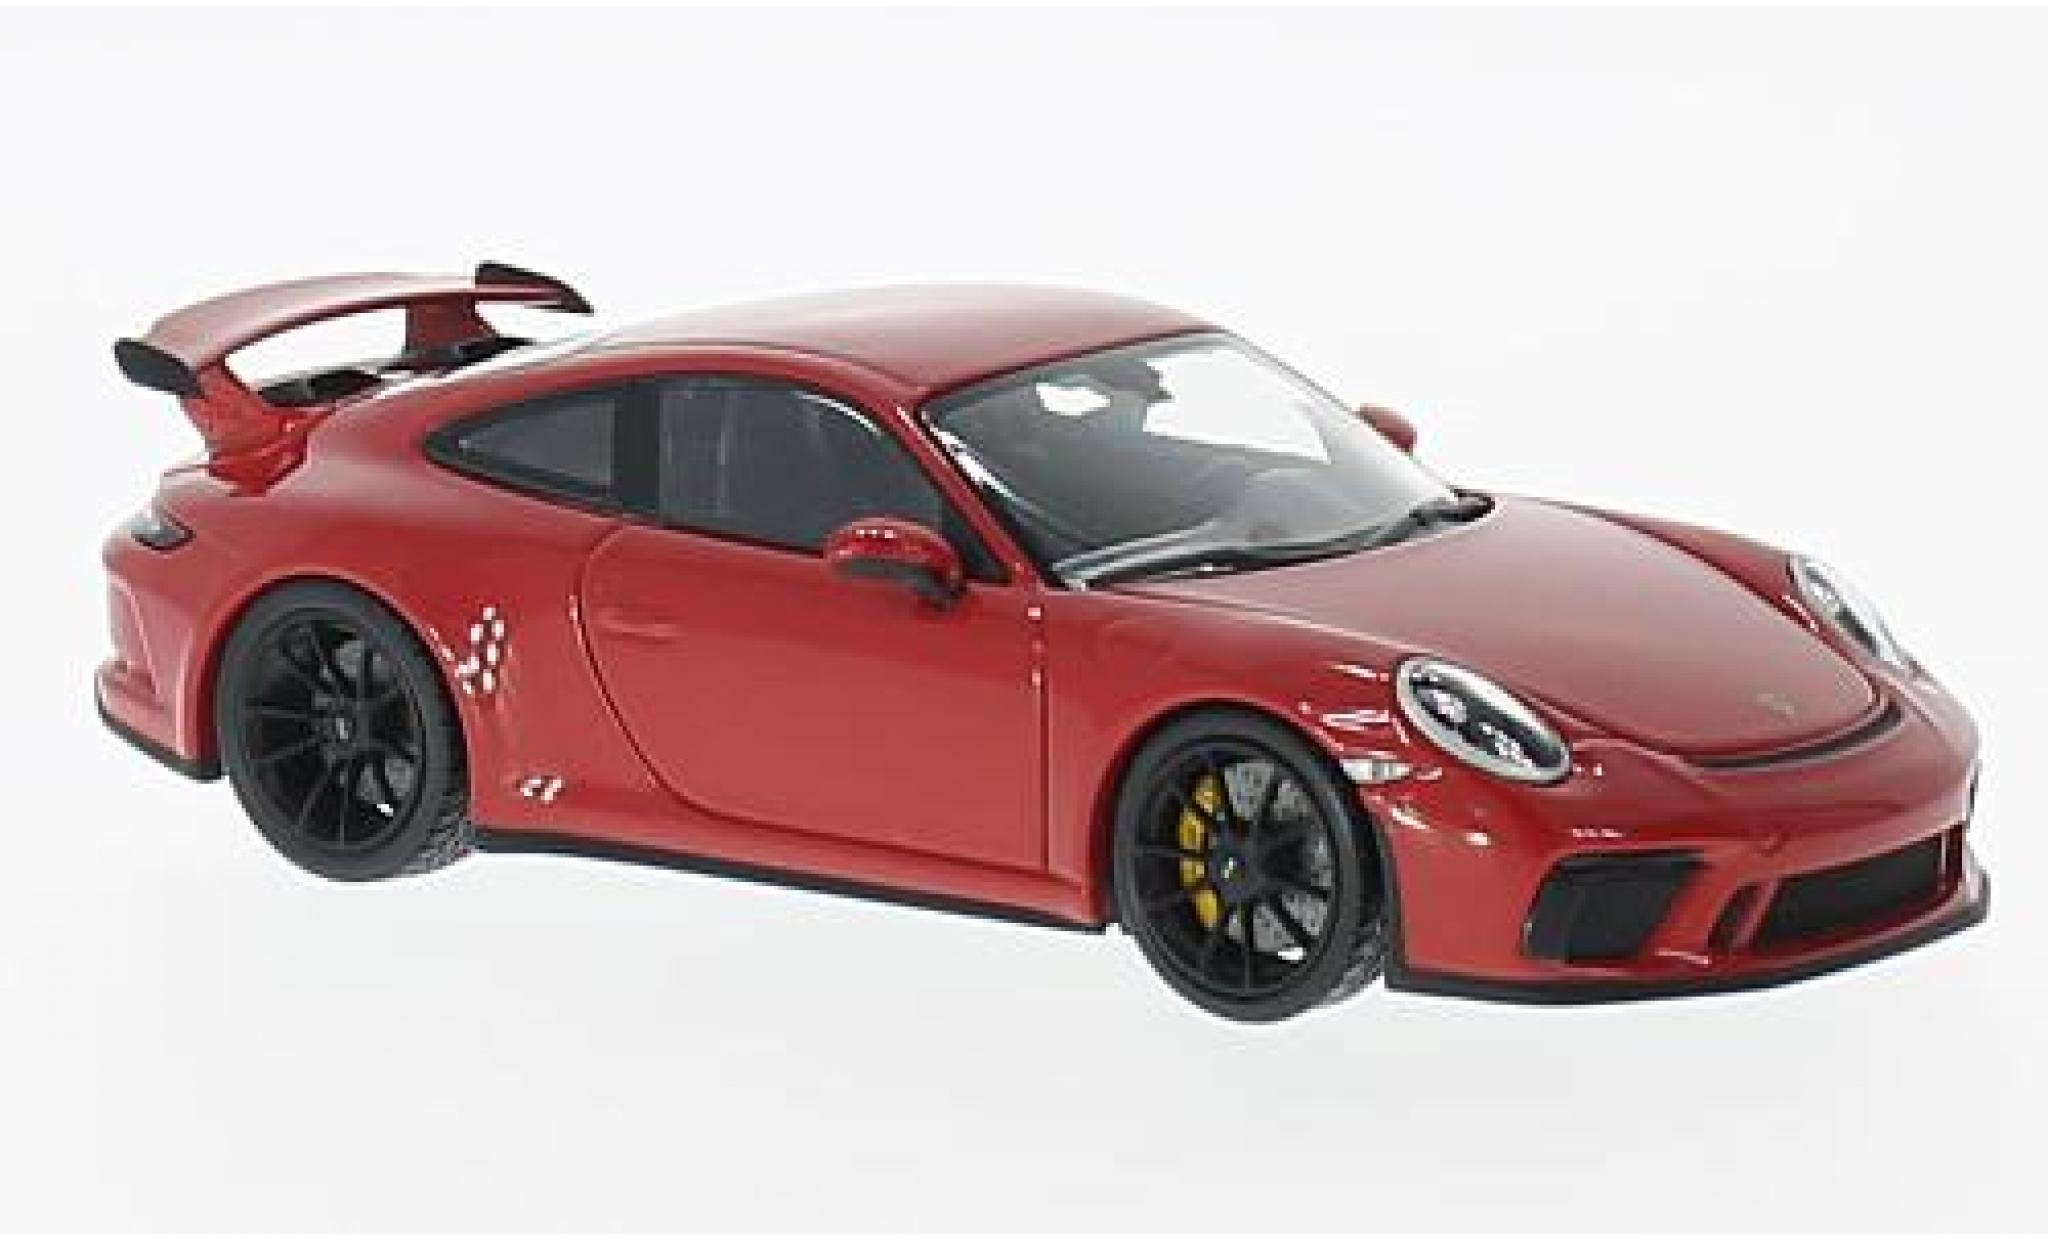 Porsche 991 GT3 1/43 I Minichamps 911  red